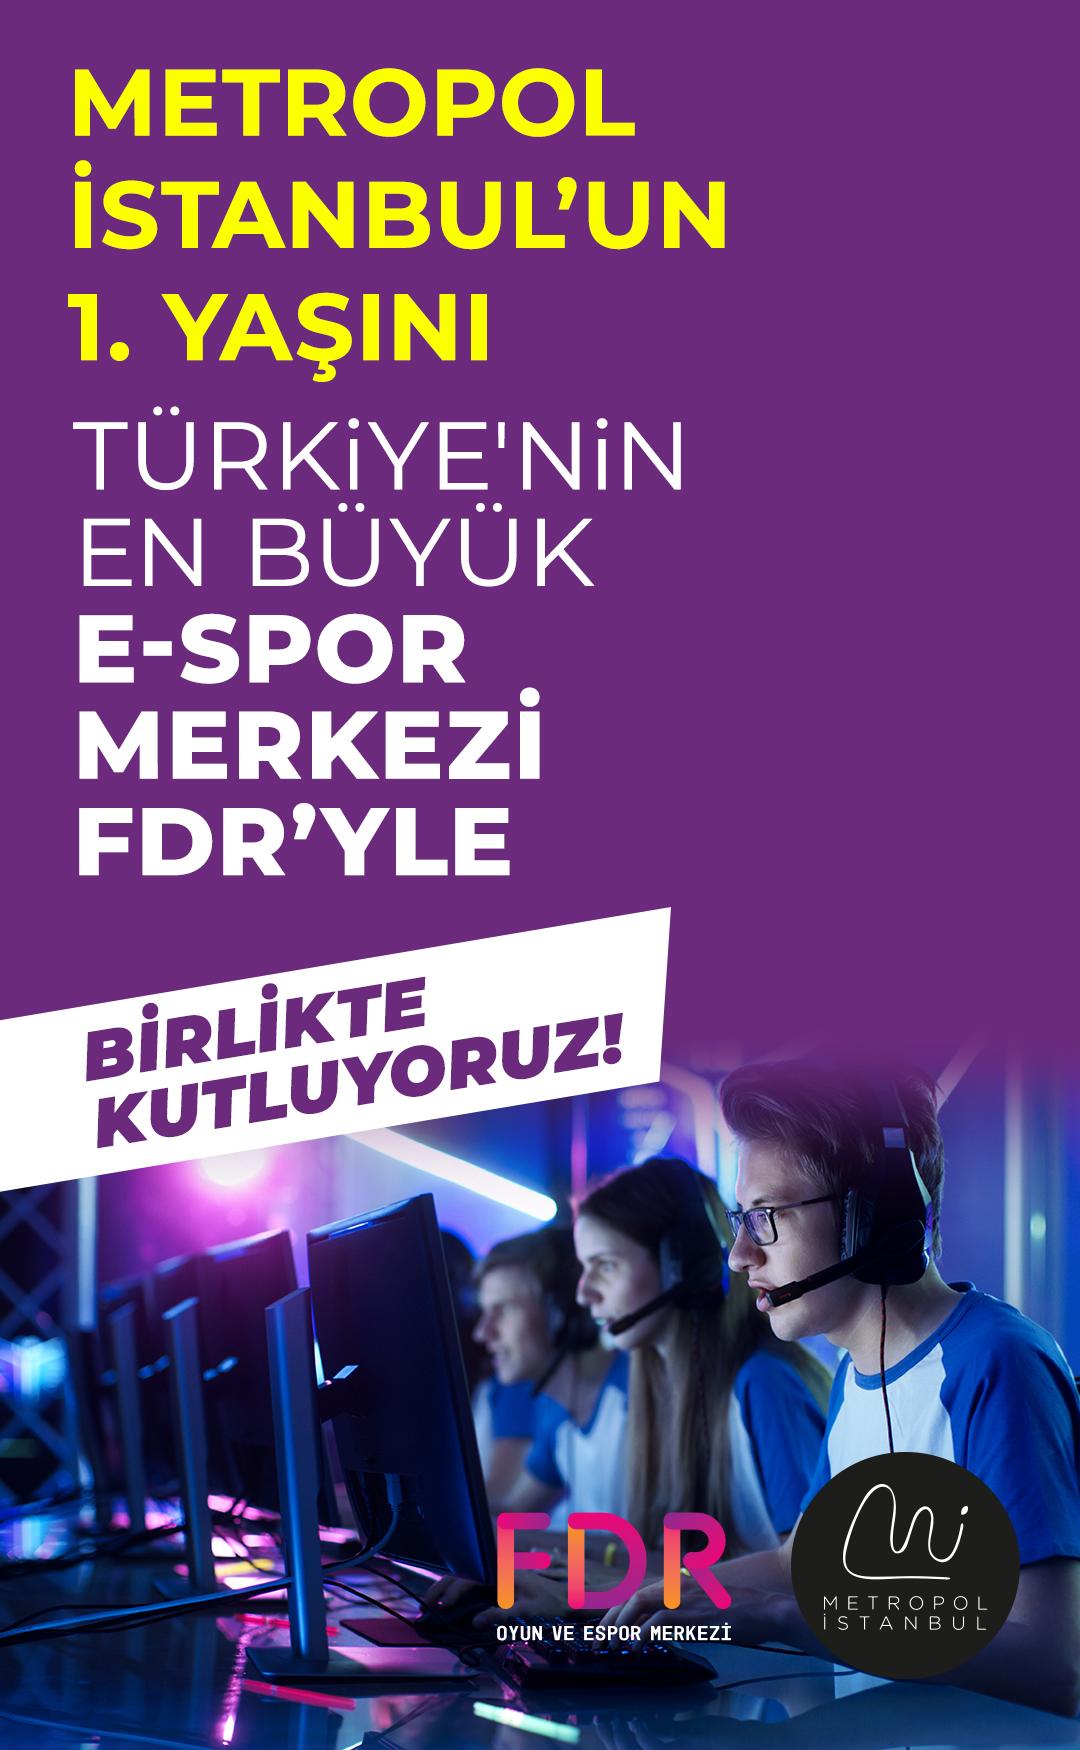 Metropol İstanbul'un 1. yaşını kutluyoruz!